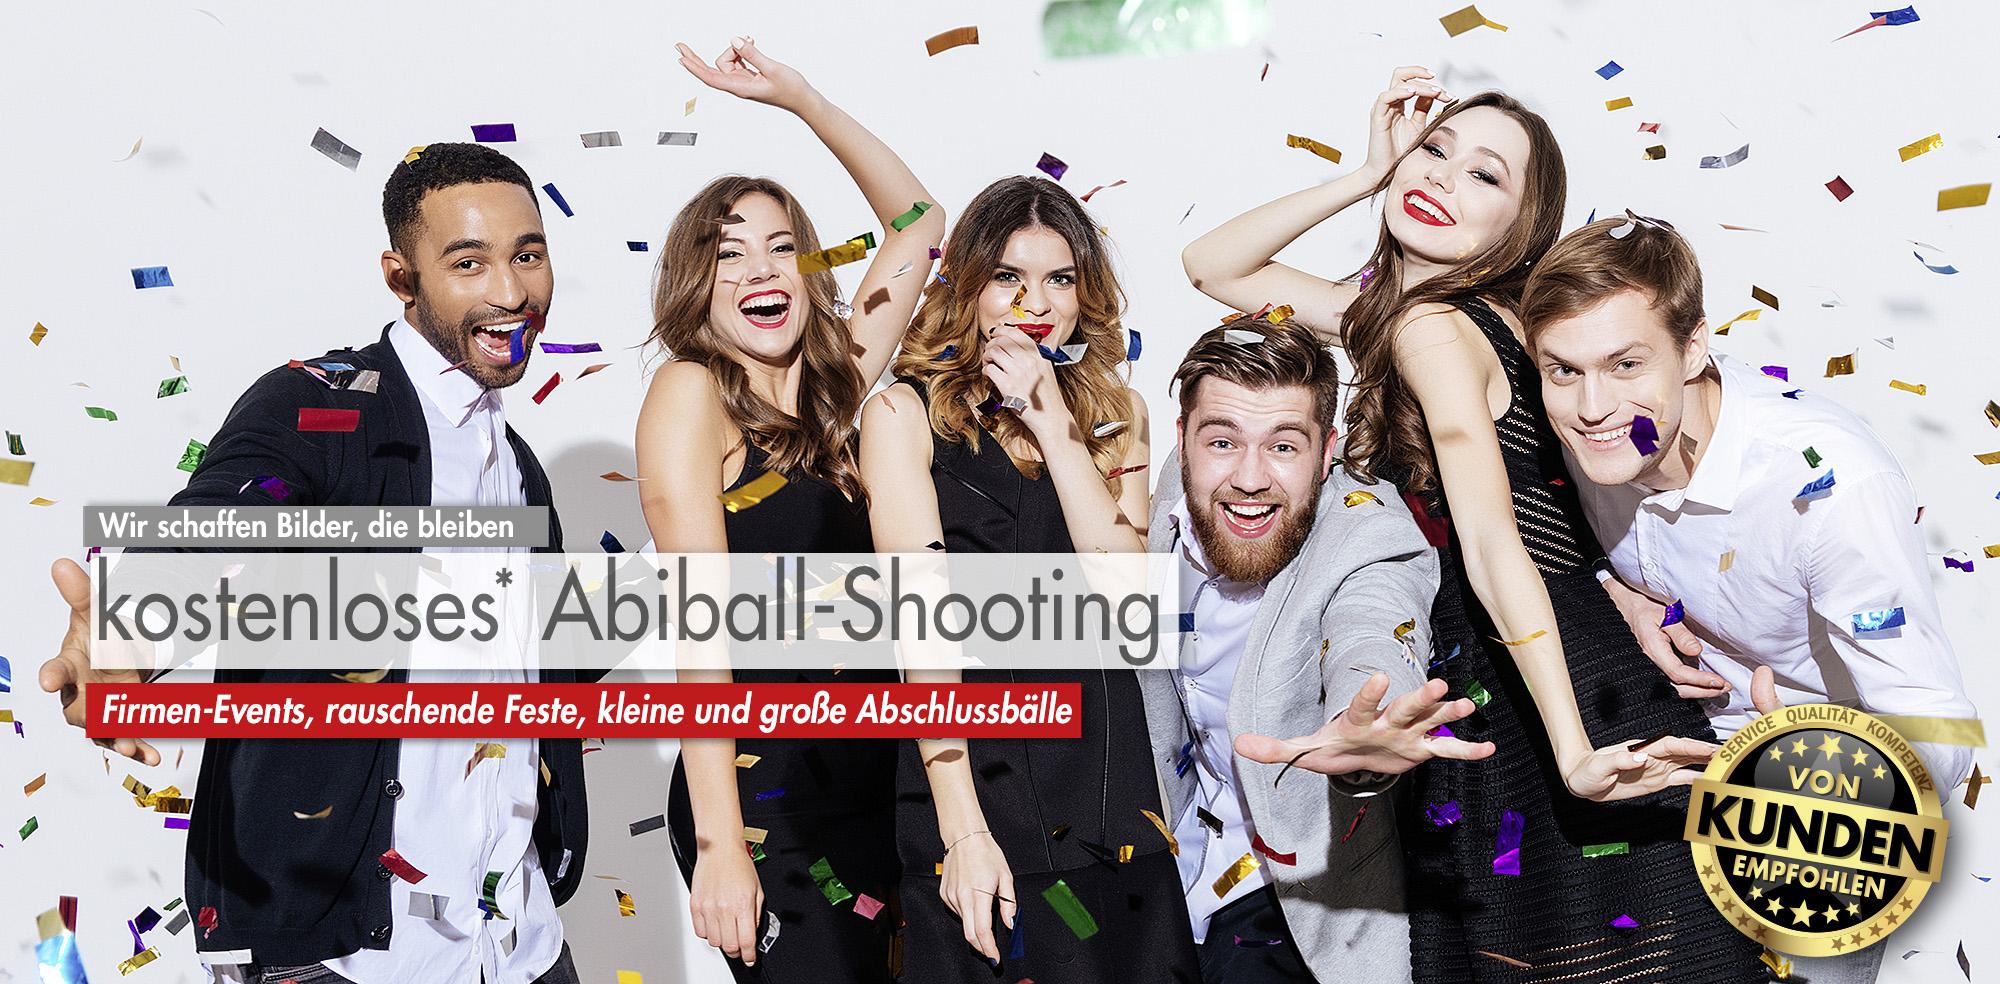 kostenloses Abiball-Shooting@blickfang2_fotostudios_filmstudios